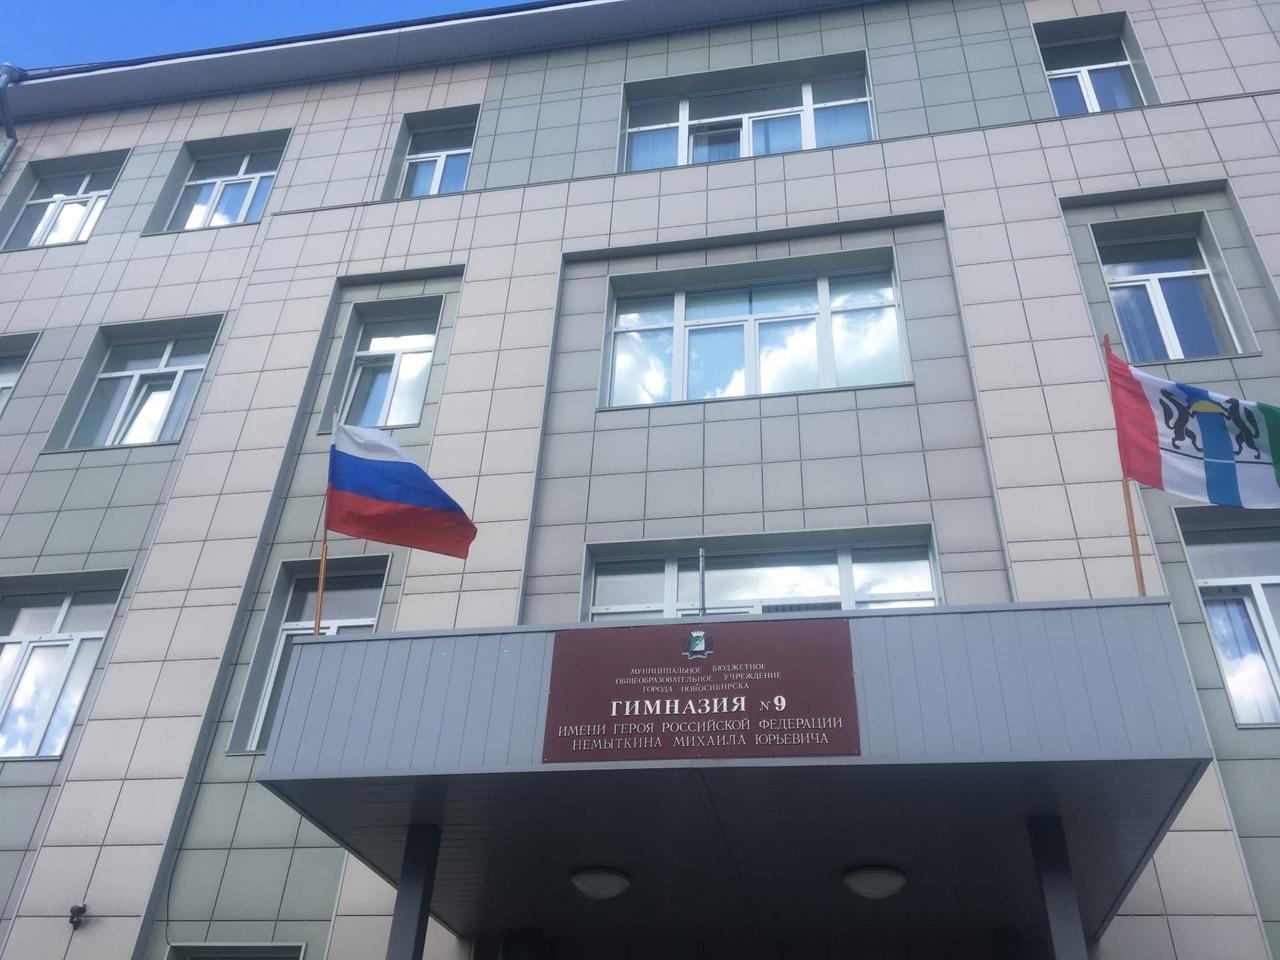 Фото Выборы в Новосибирске: онлайн дня голосования за депутатов Госдумы 19 сентября 2021 года 65